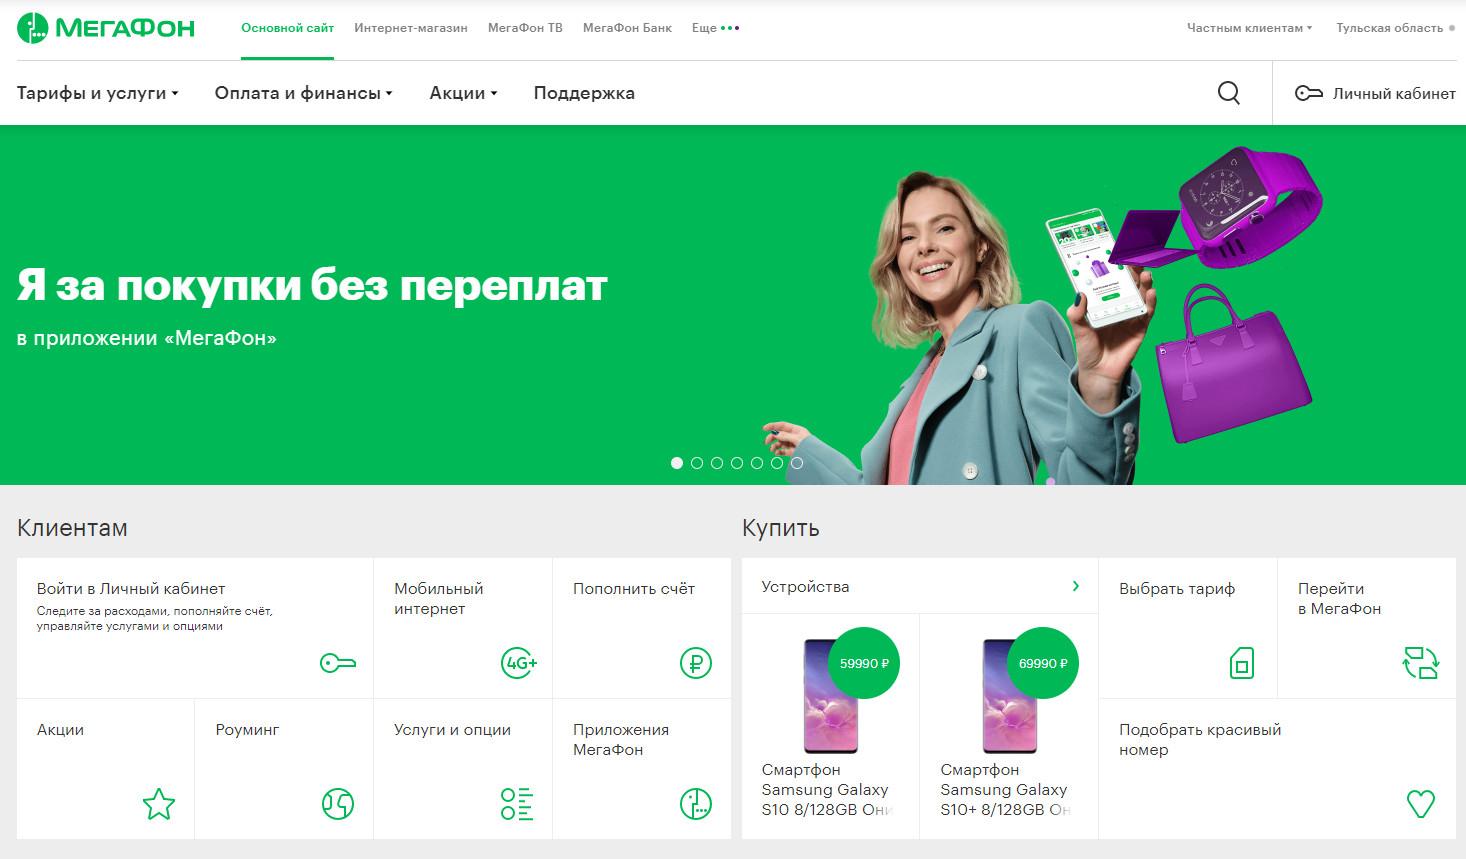 Официальный сайт Мегафона Тулы - tula megafon ru